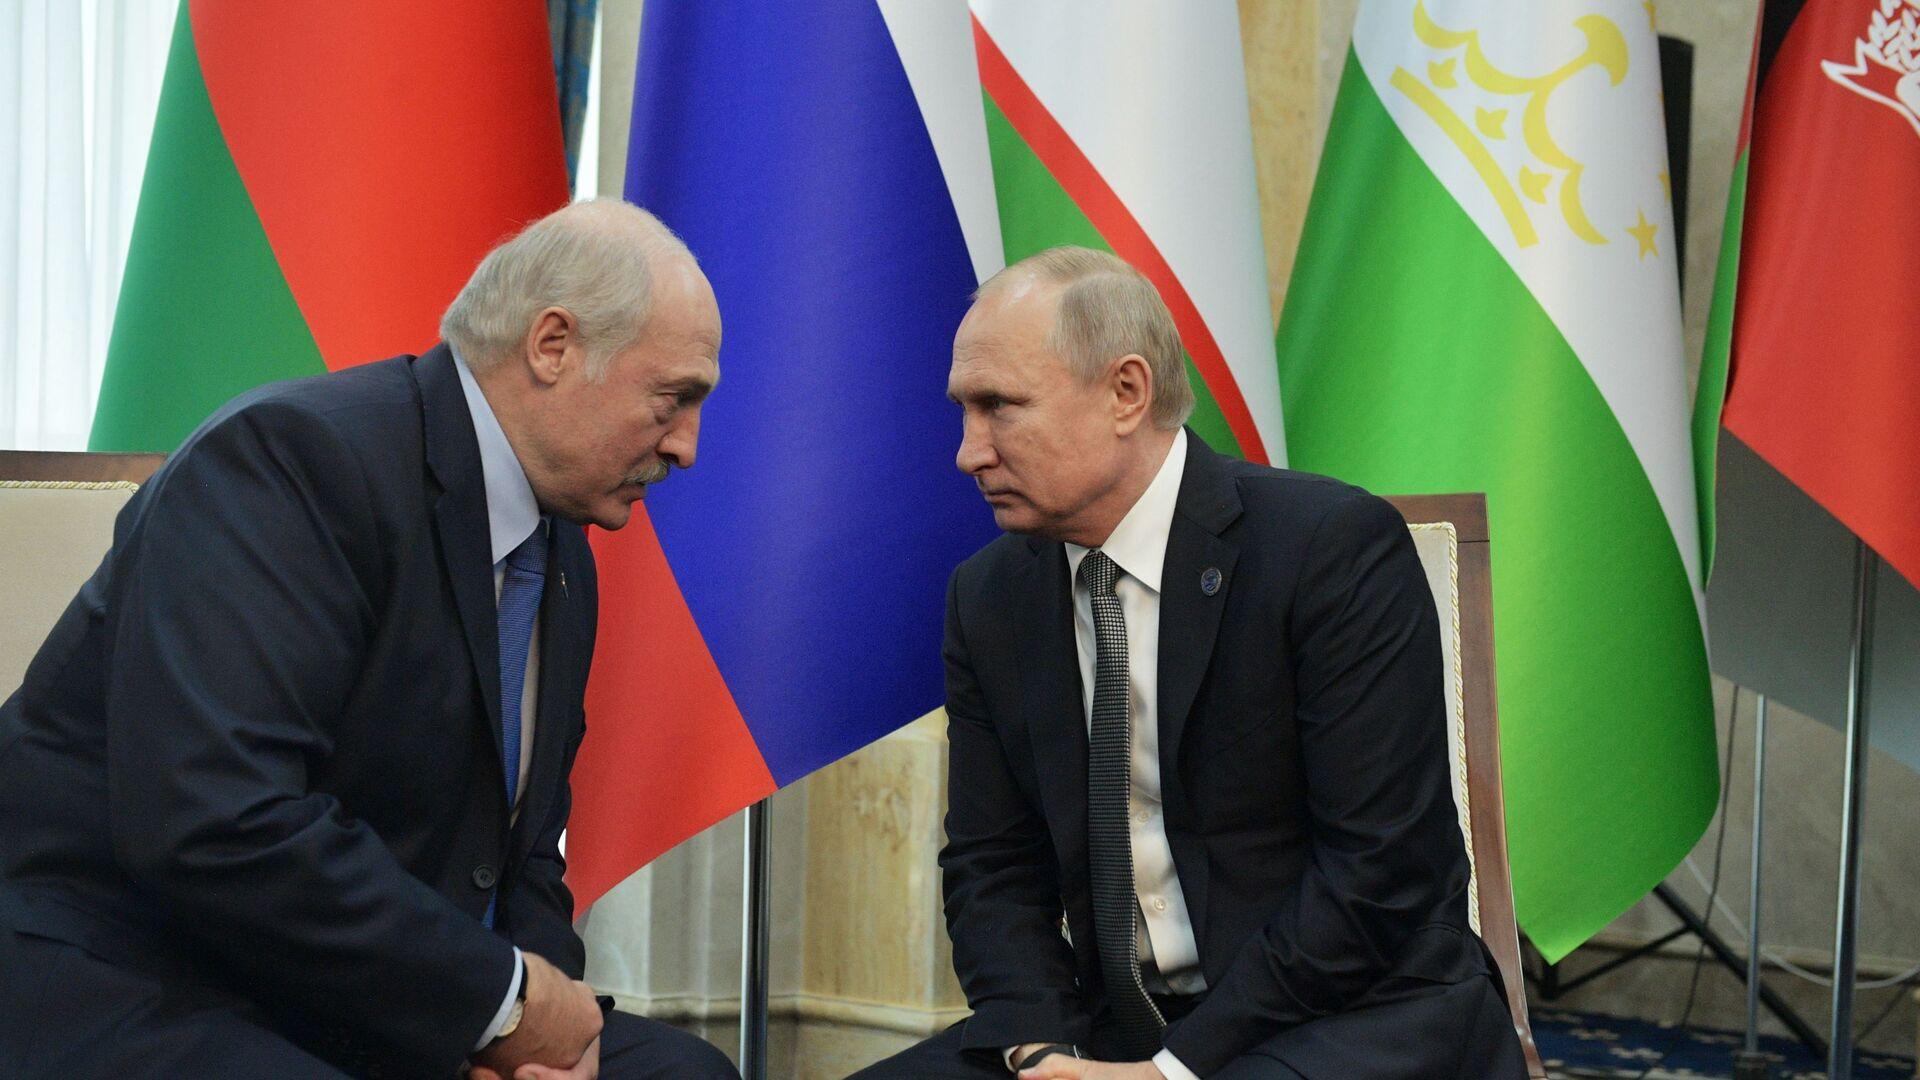 Prezydenci Rosji i Białorusi, Władimir Putin i Aleksandr Łukaszenka. - Sputnik Polska, 1920, 07.10.2021